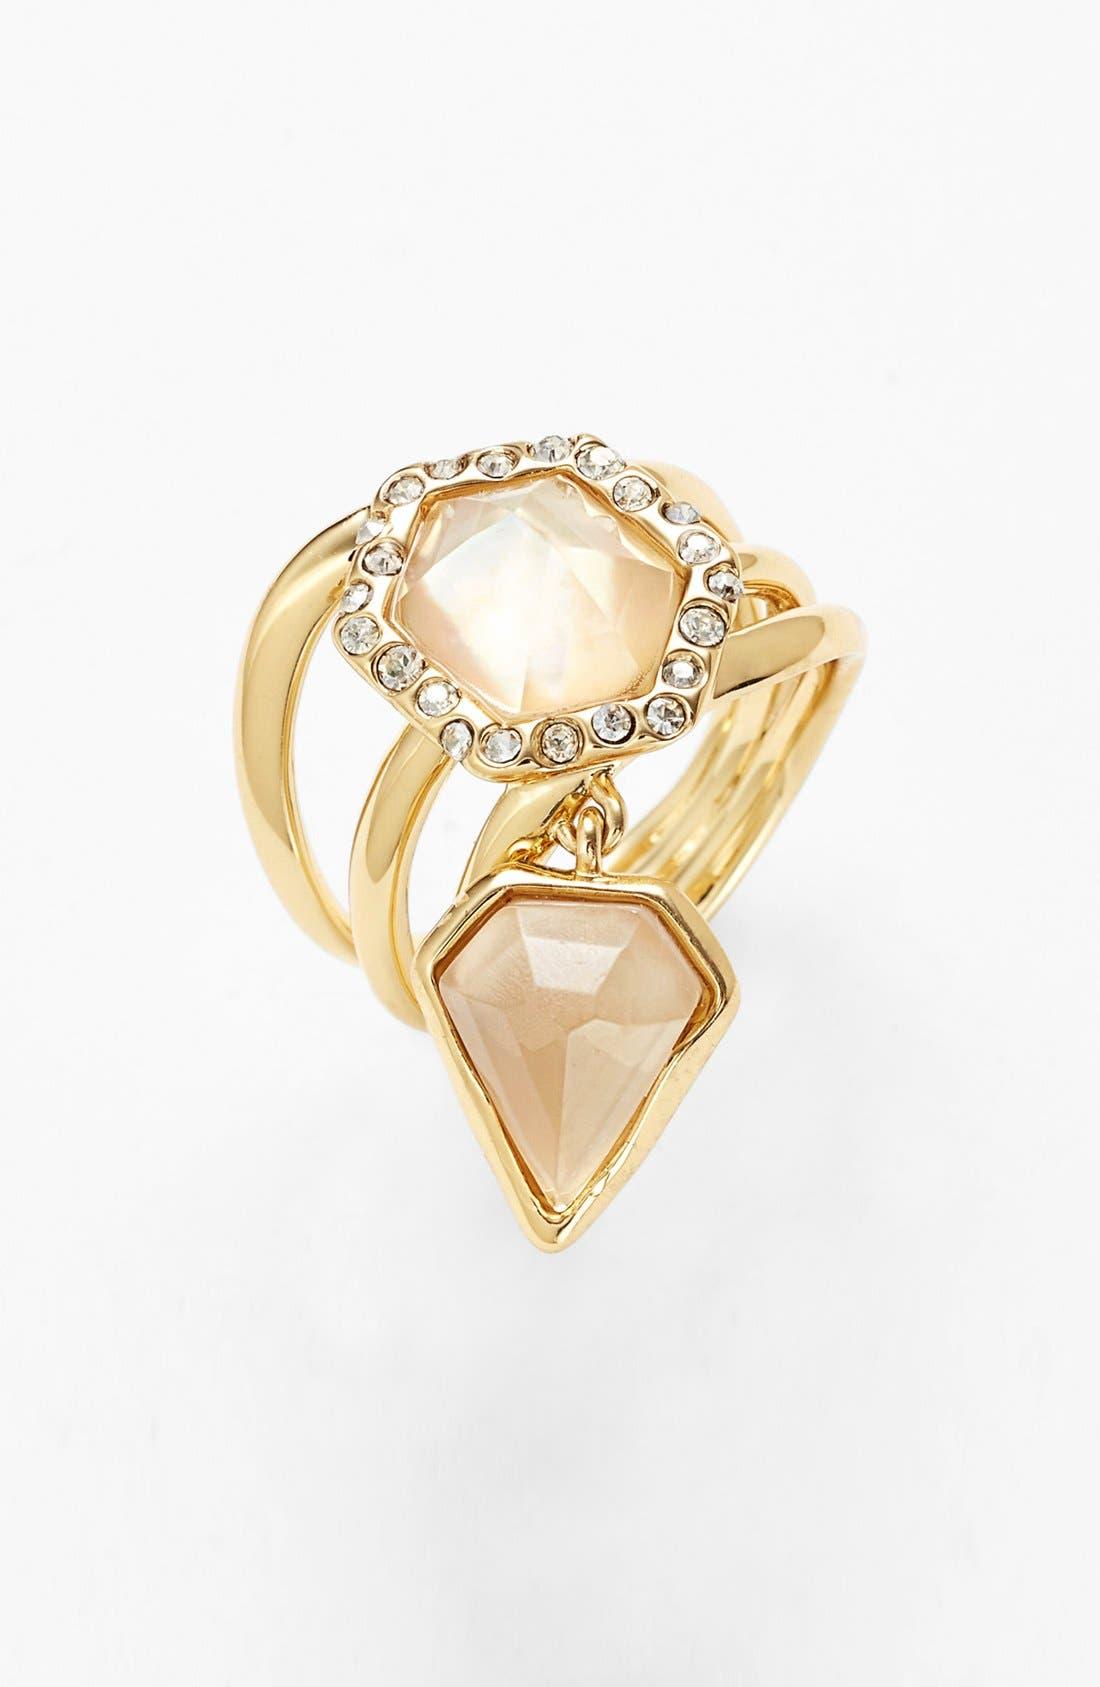 Main Image - Alexis Bittar 'Miss Havisham' Charm Stack Ring